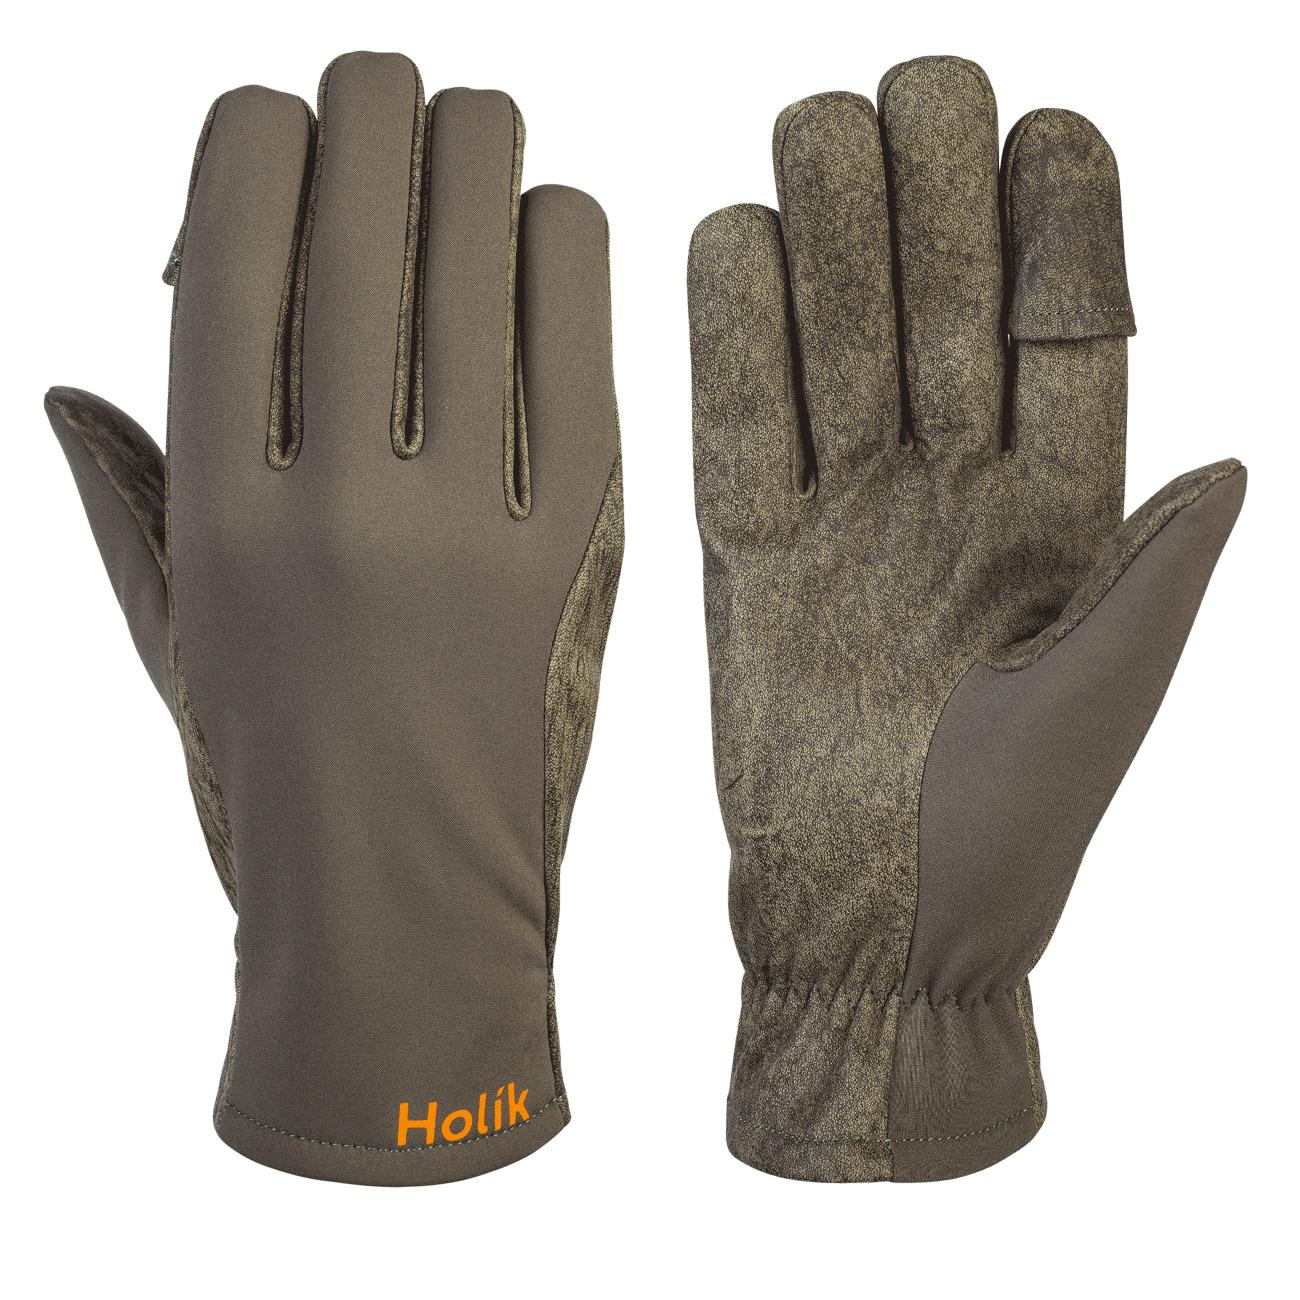 Holik Gloves Katy Open